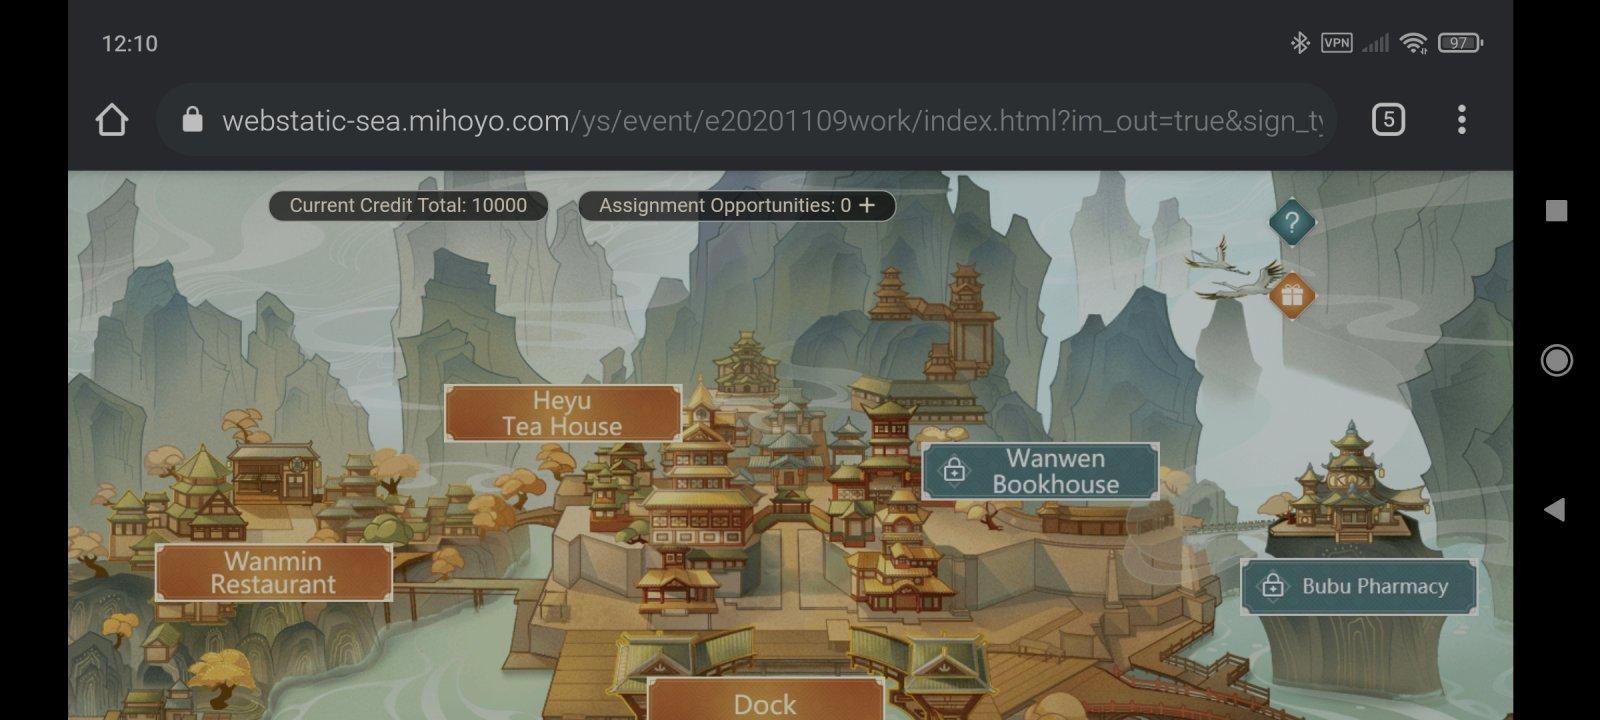 Screenshot_2020-11-15-12-10-08-453_com.android.chrome.jpg